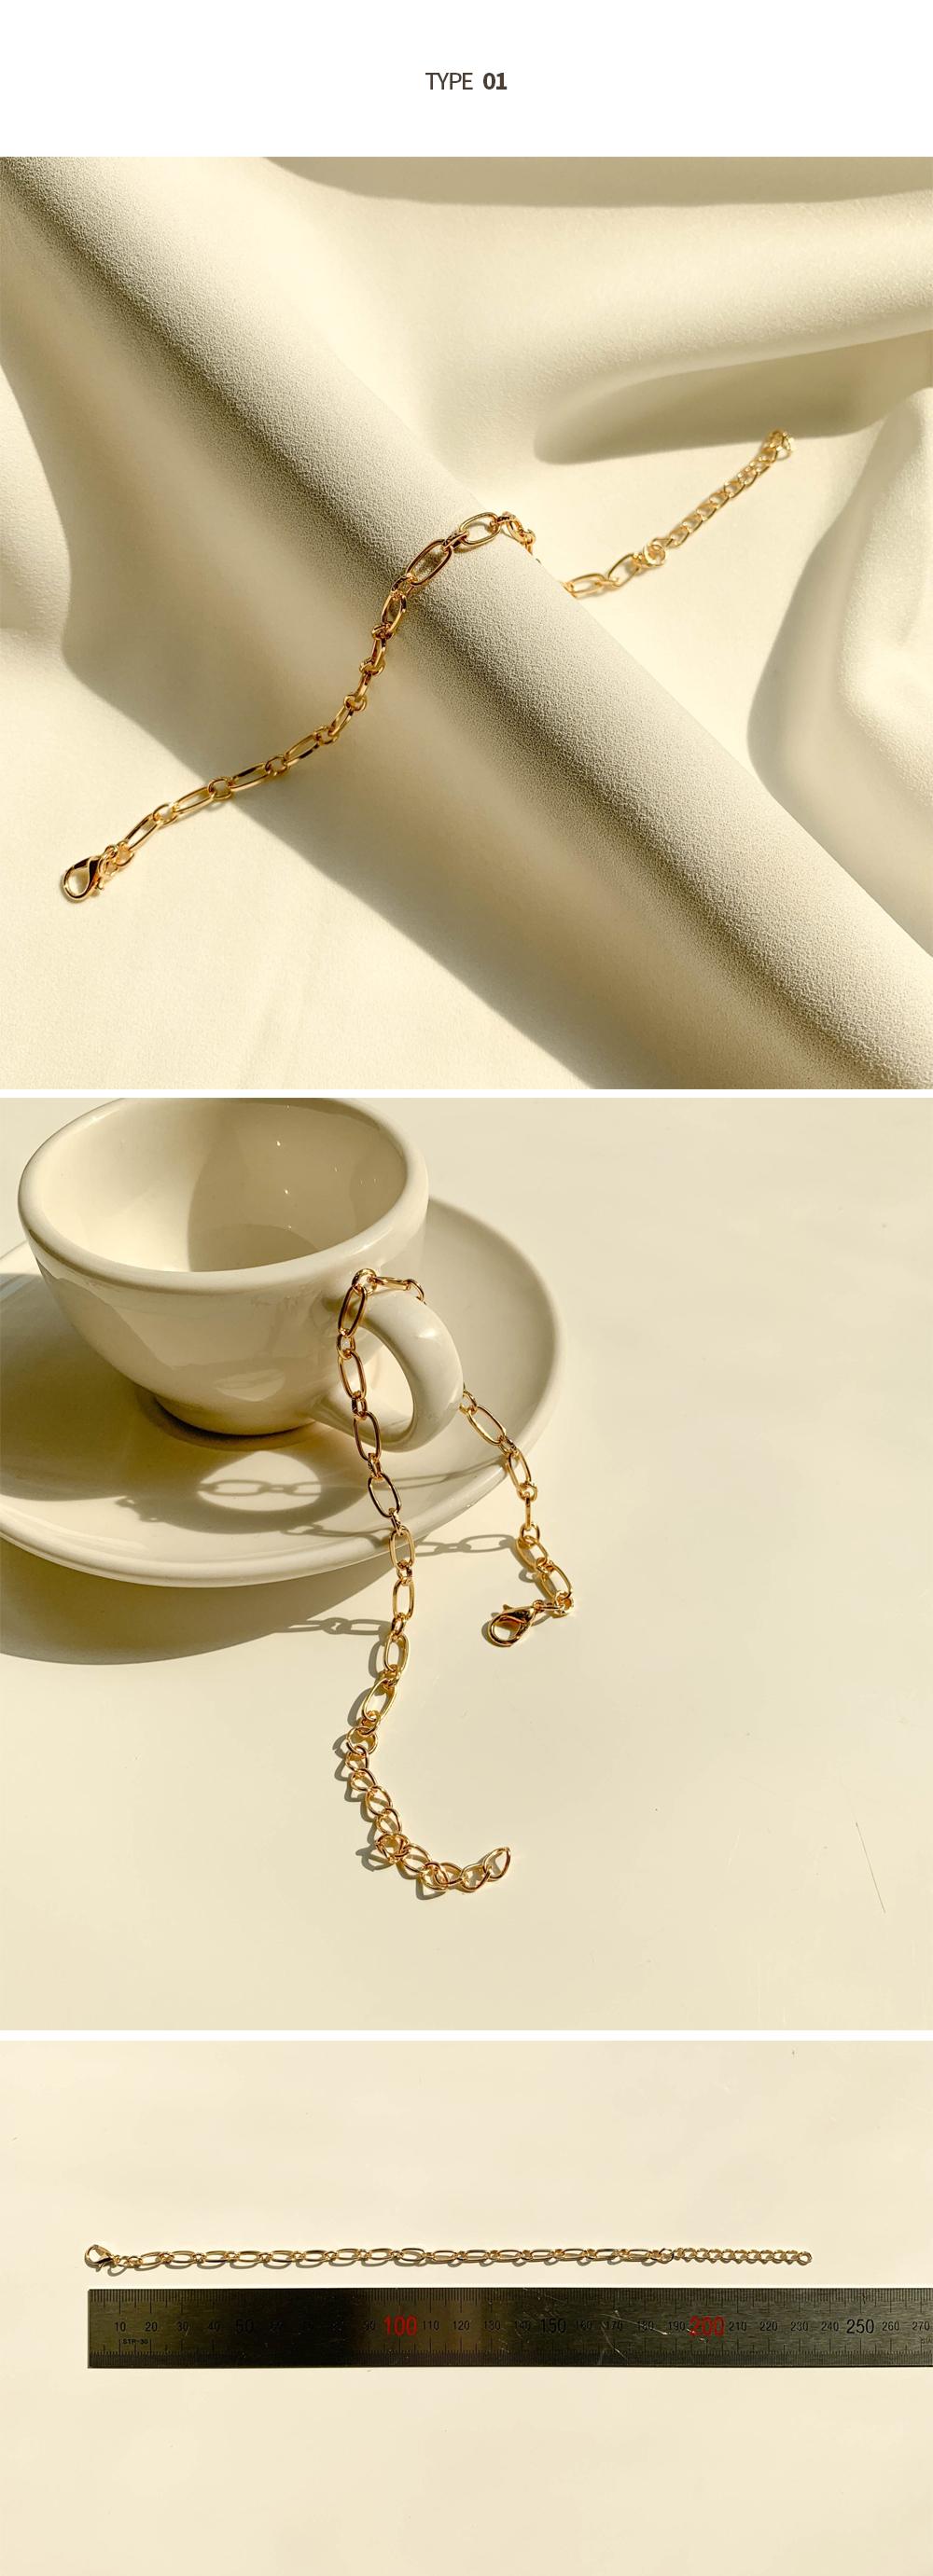 Daily Bracelet Set of 6